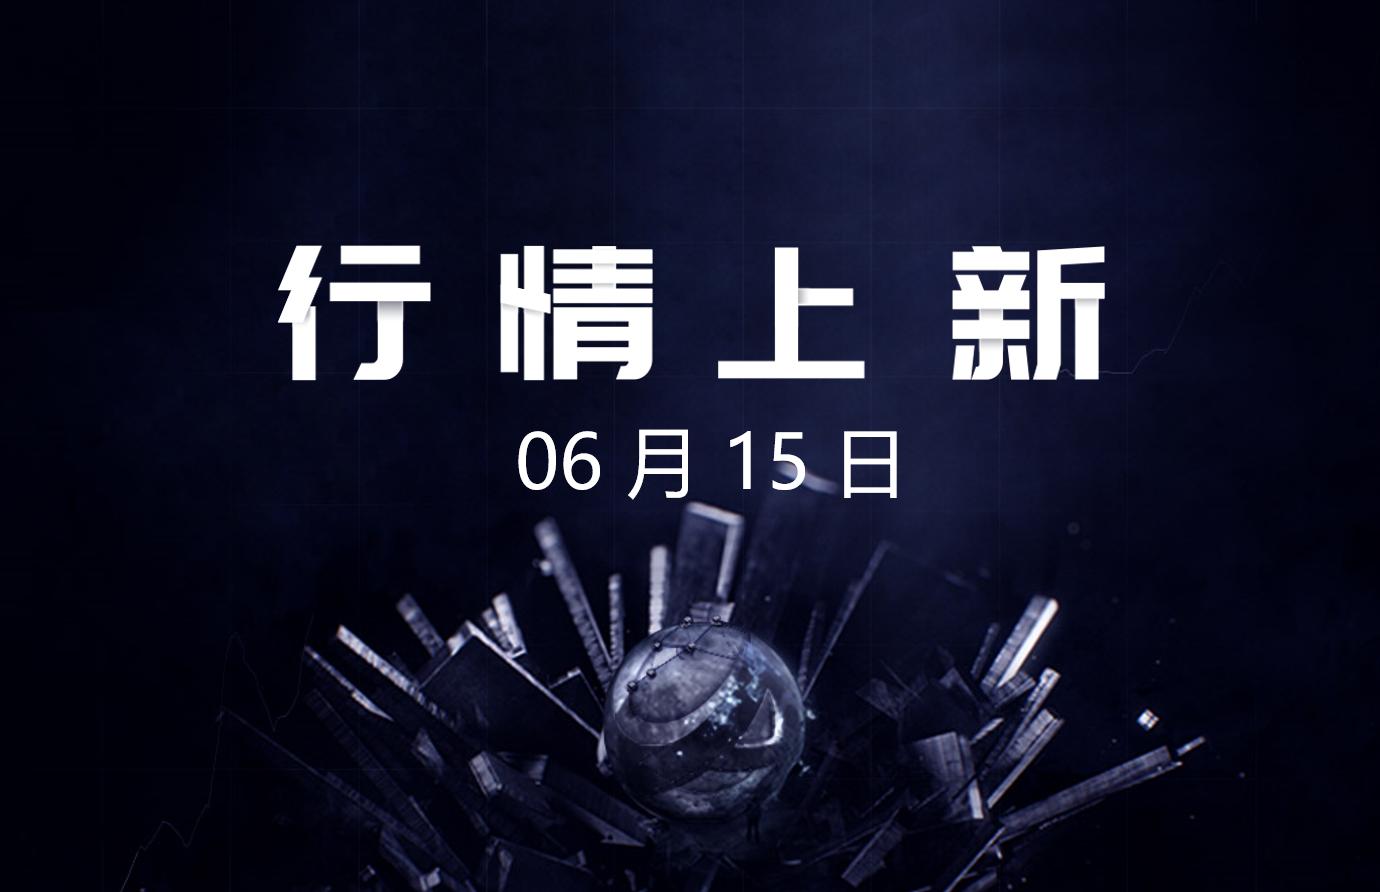 6月15日- AICoin 行情上新(新增29币种,涉及6平台)_aicoin_图1